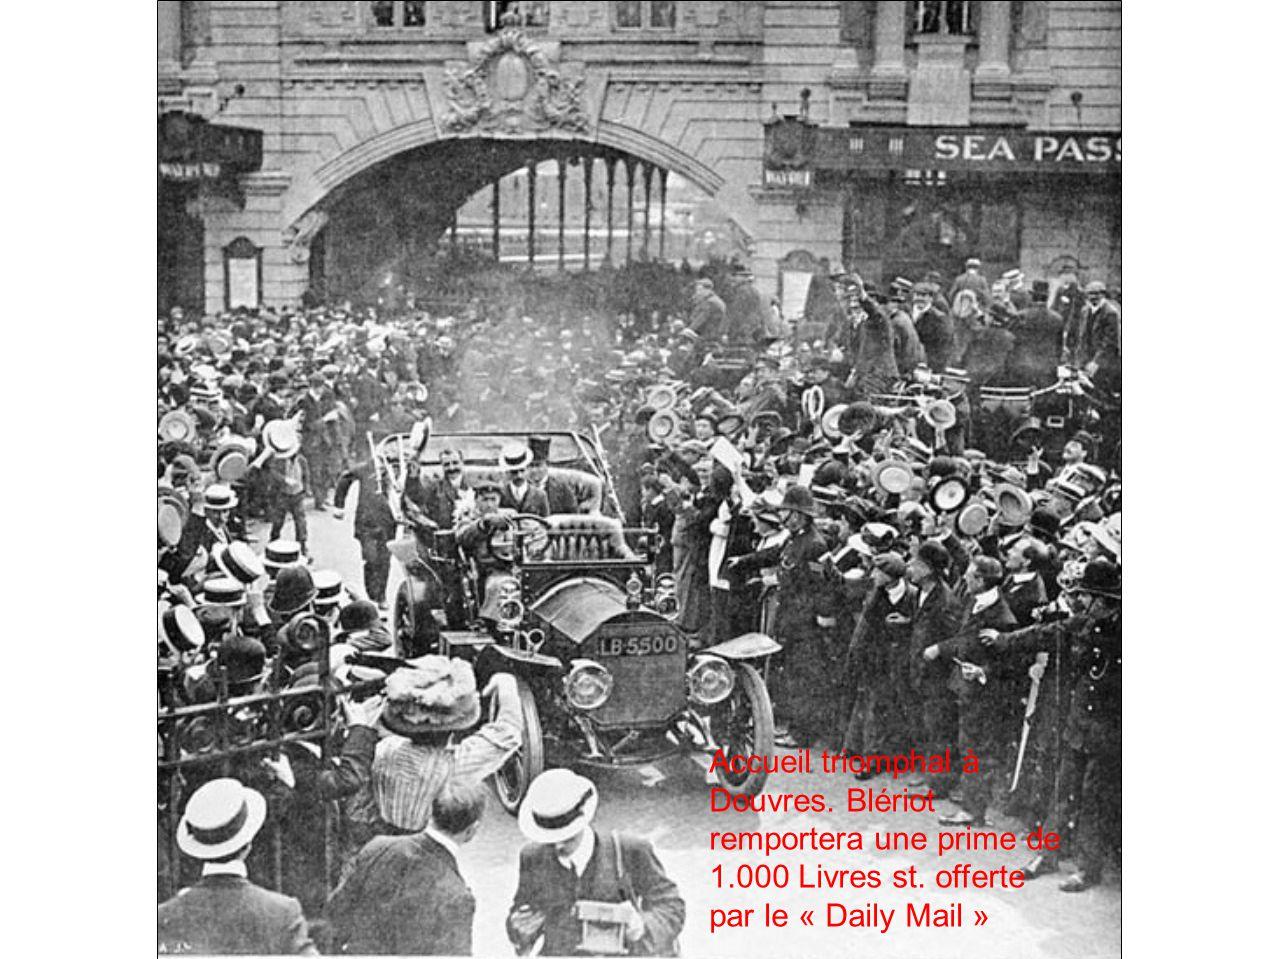 Accueil triomphal à Douvres. Blériot remportera une prime de 1.000 Livres st. offerte par le « Daily Mail »